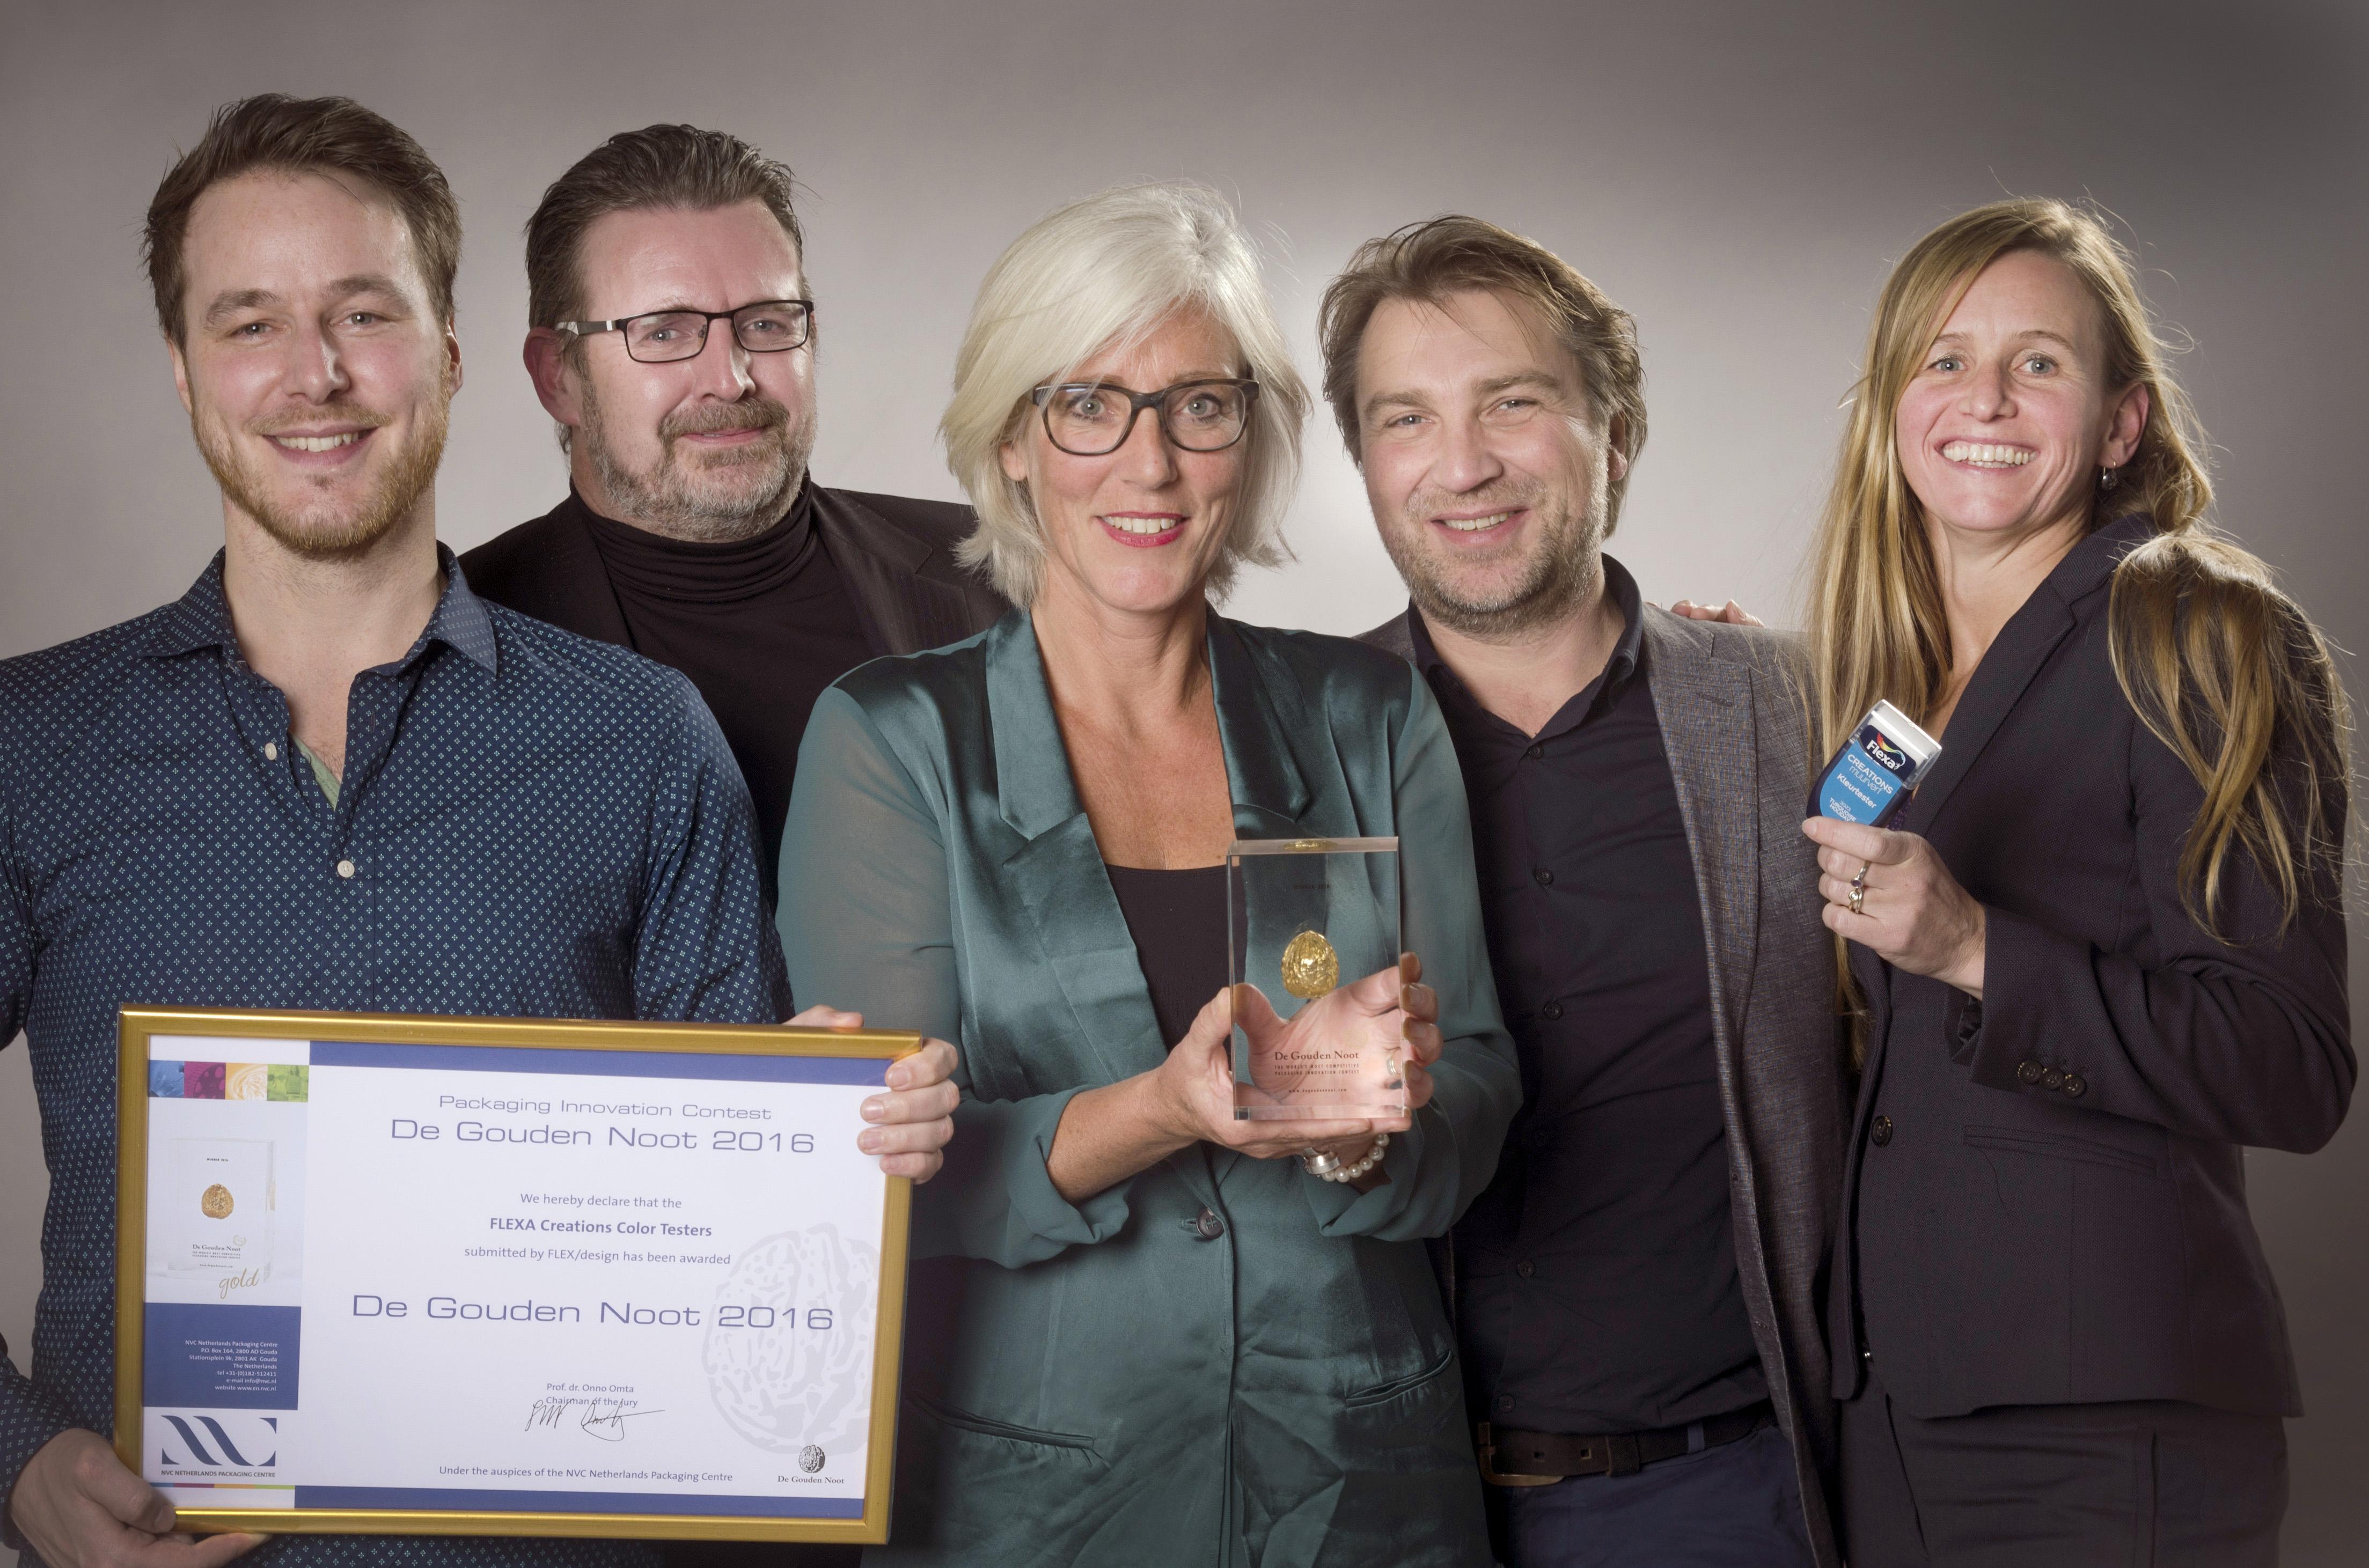 Winnaar-De-Gouden-Noot-2016-FLEXA-Creations Color-Testers